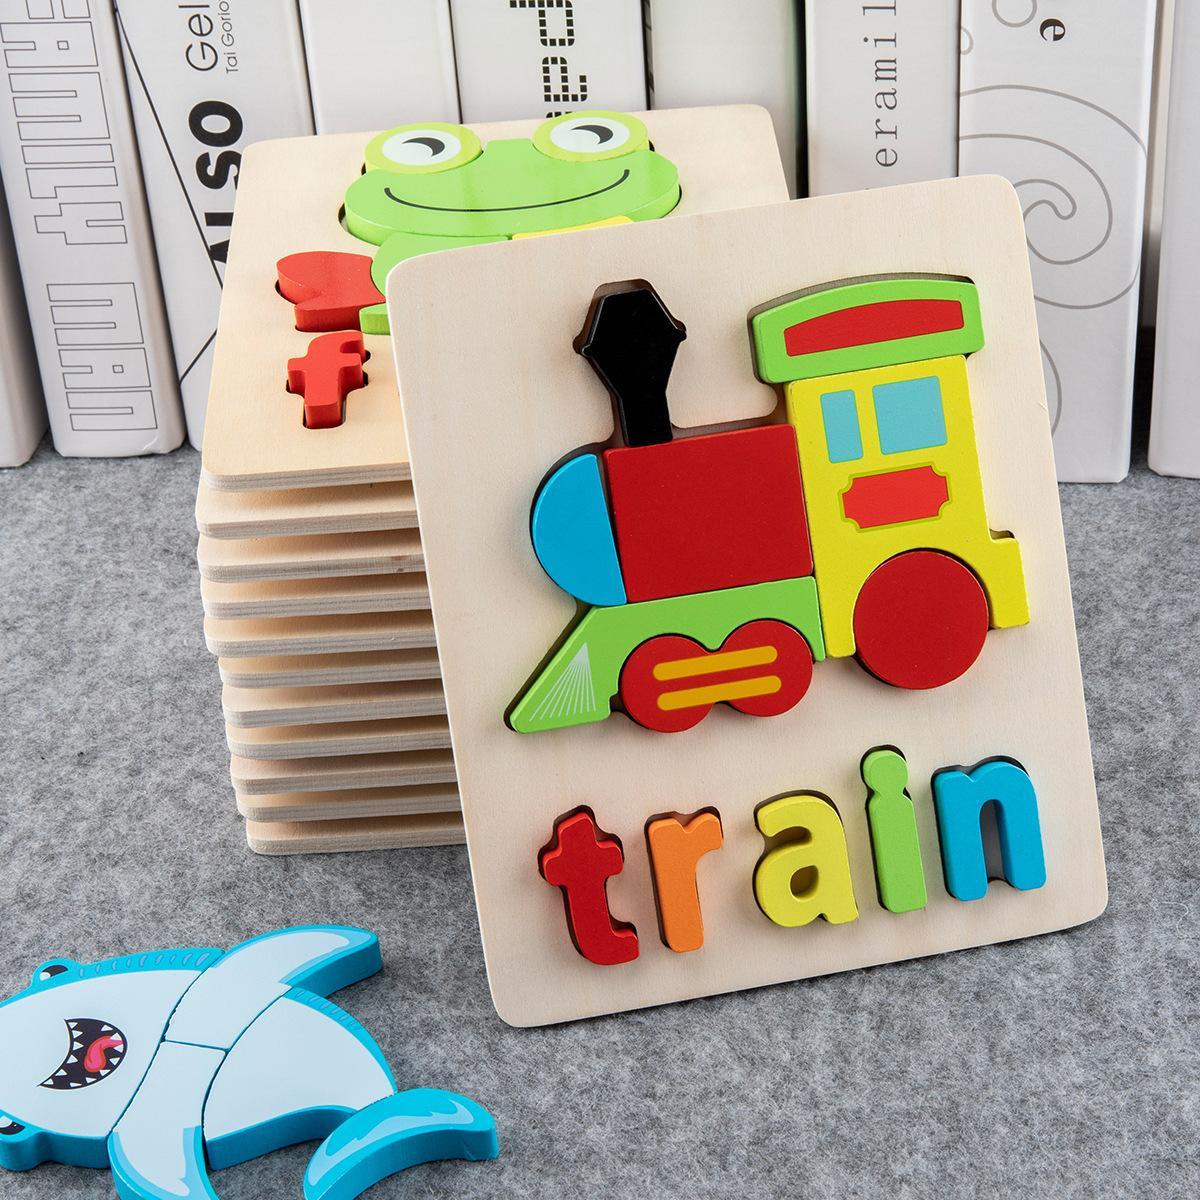 Детские деревянные буквы алфавита развивающие головоломки игрушки алфавит обучения головоломки для 3-7 детей бесплатная быстрая доставка